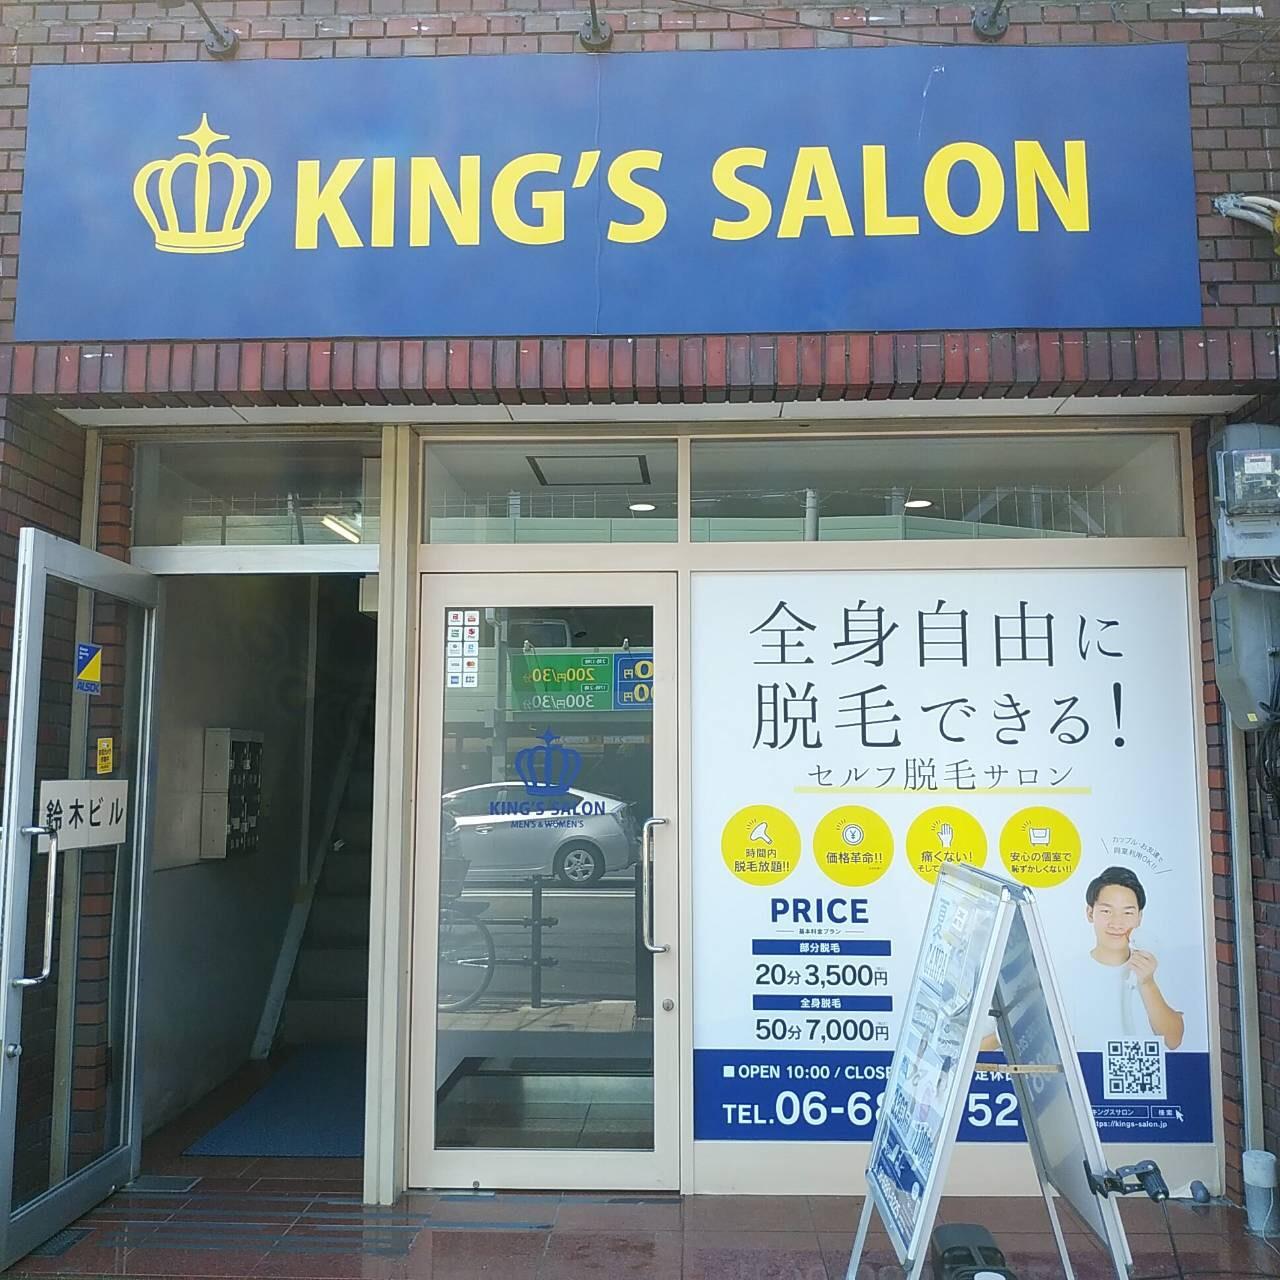 キングスサロン大阪京橋店のサムネイル画像